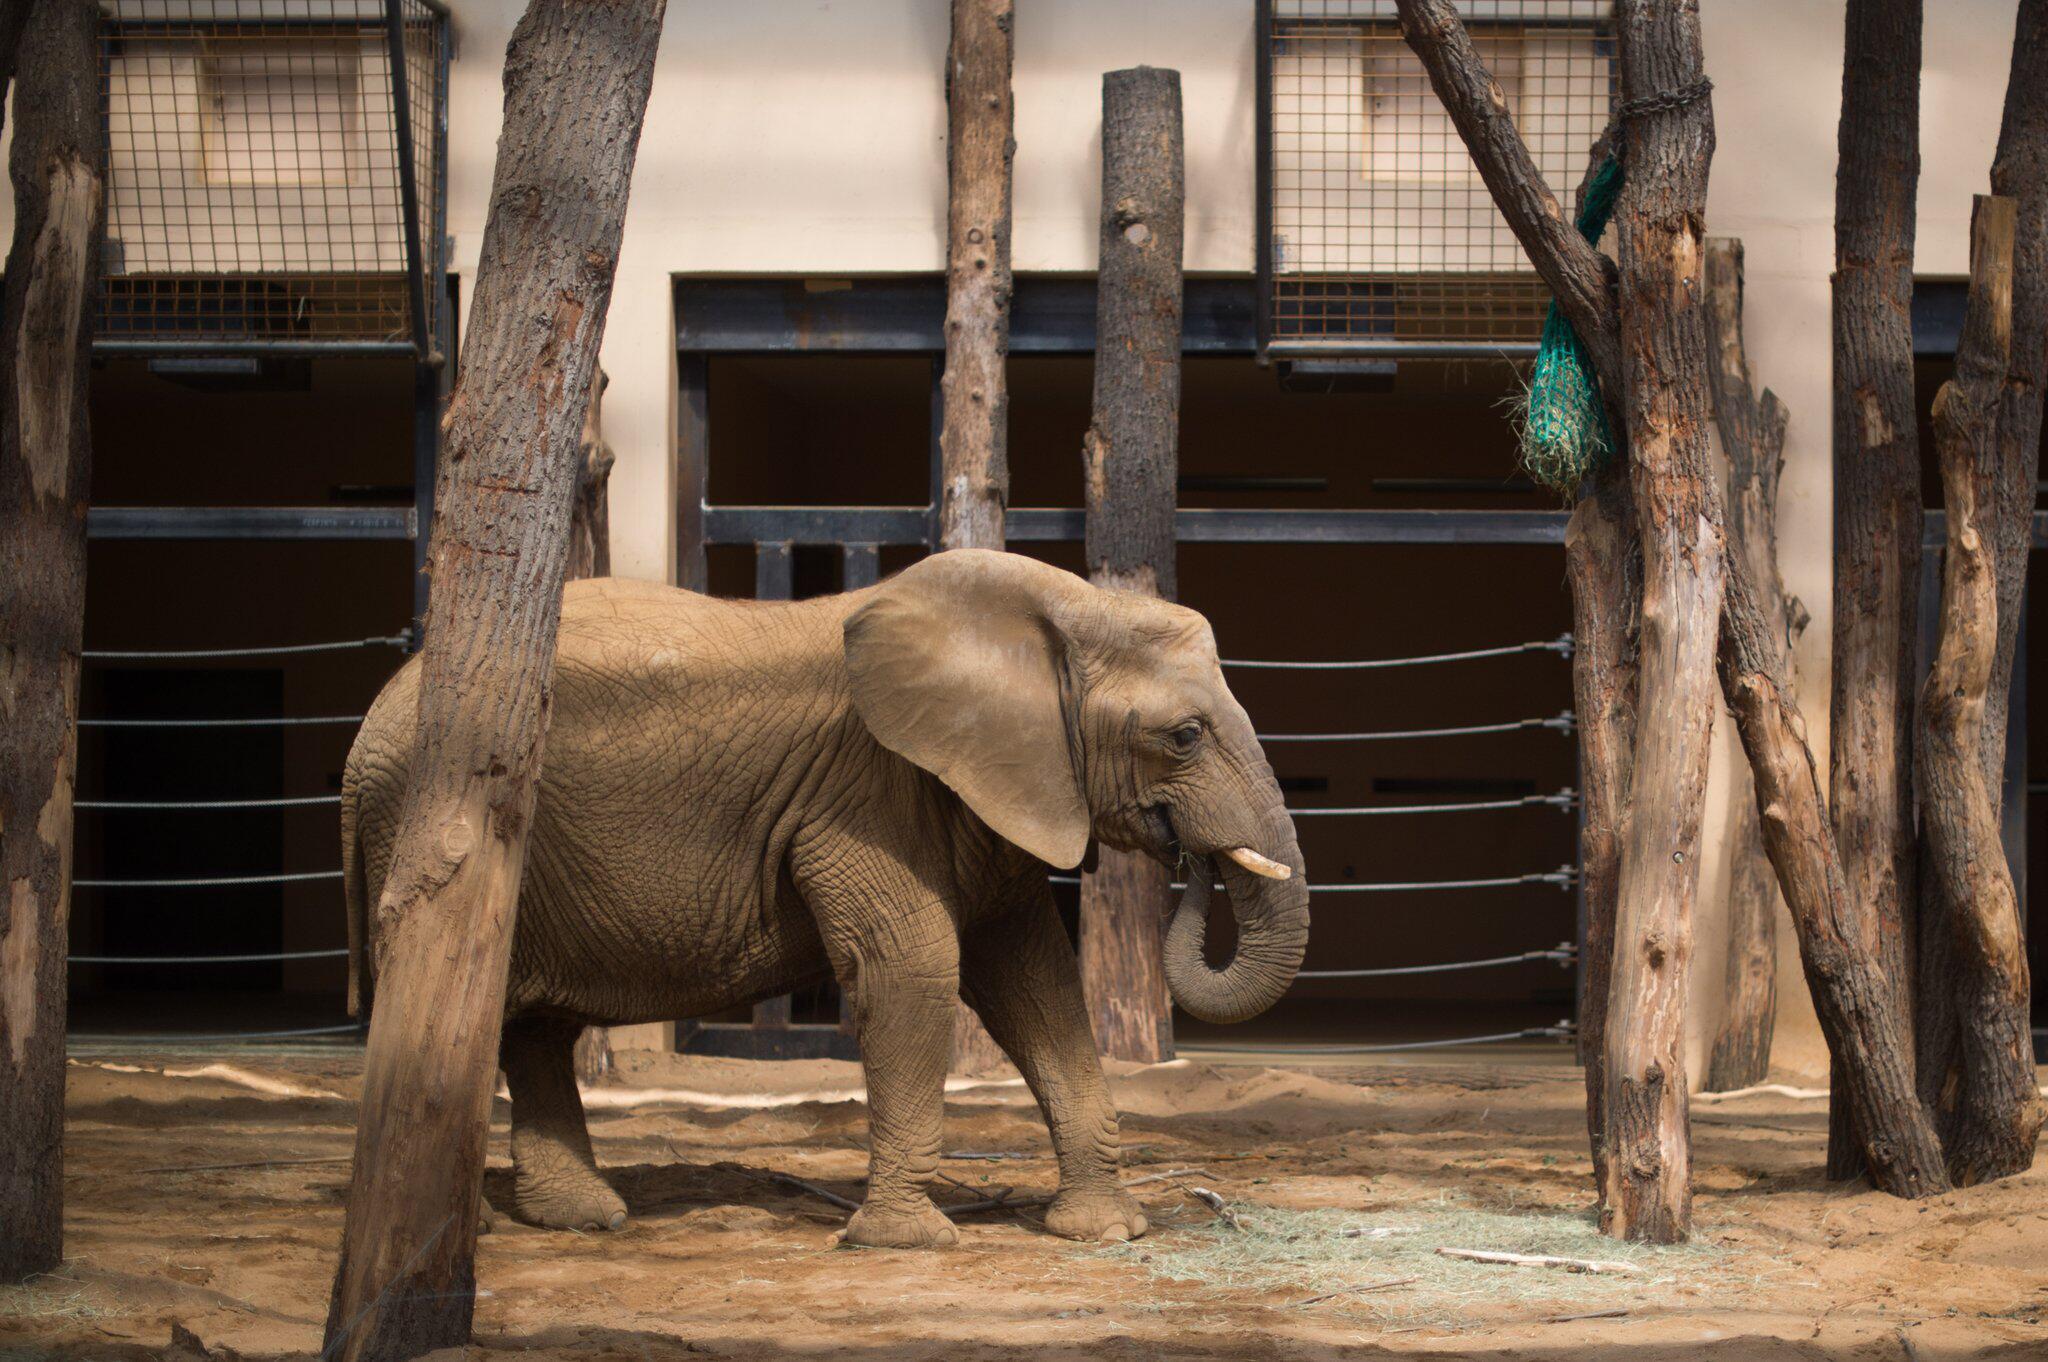 Bild zu Unfall im Zoo: Elefantendame klemmt ihren Rüssel in Tor ein